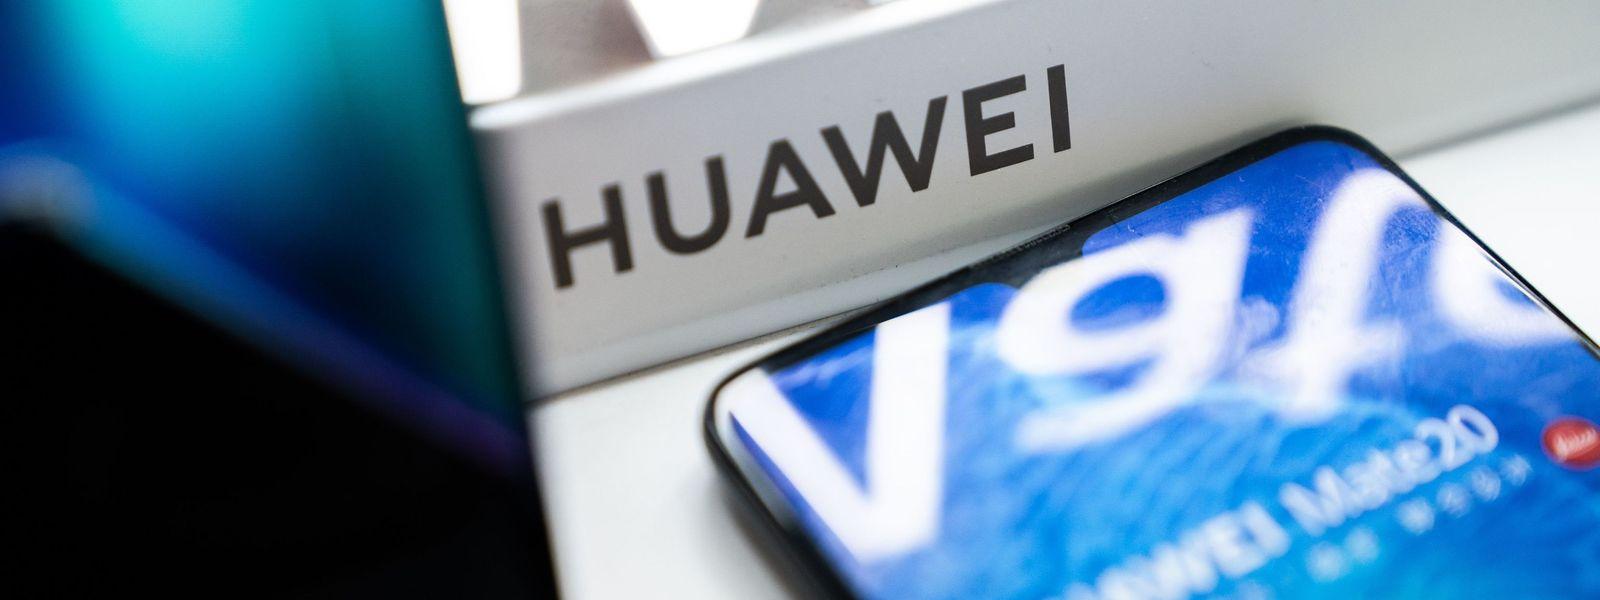 Huawei ist ein führender Ausrüster von Mobilfunk-Netzen unter anderem in Europa und der zweitgrößte Smartphone-Anbieter der Welt.